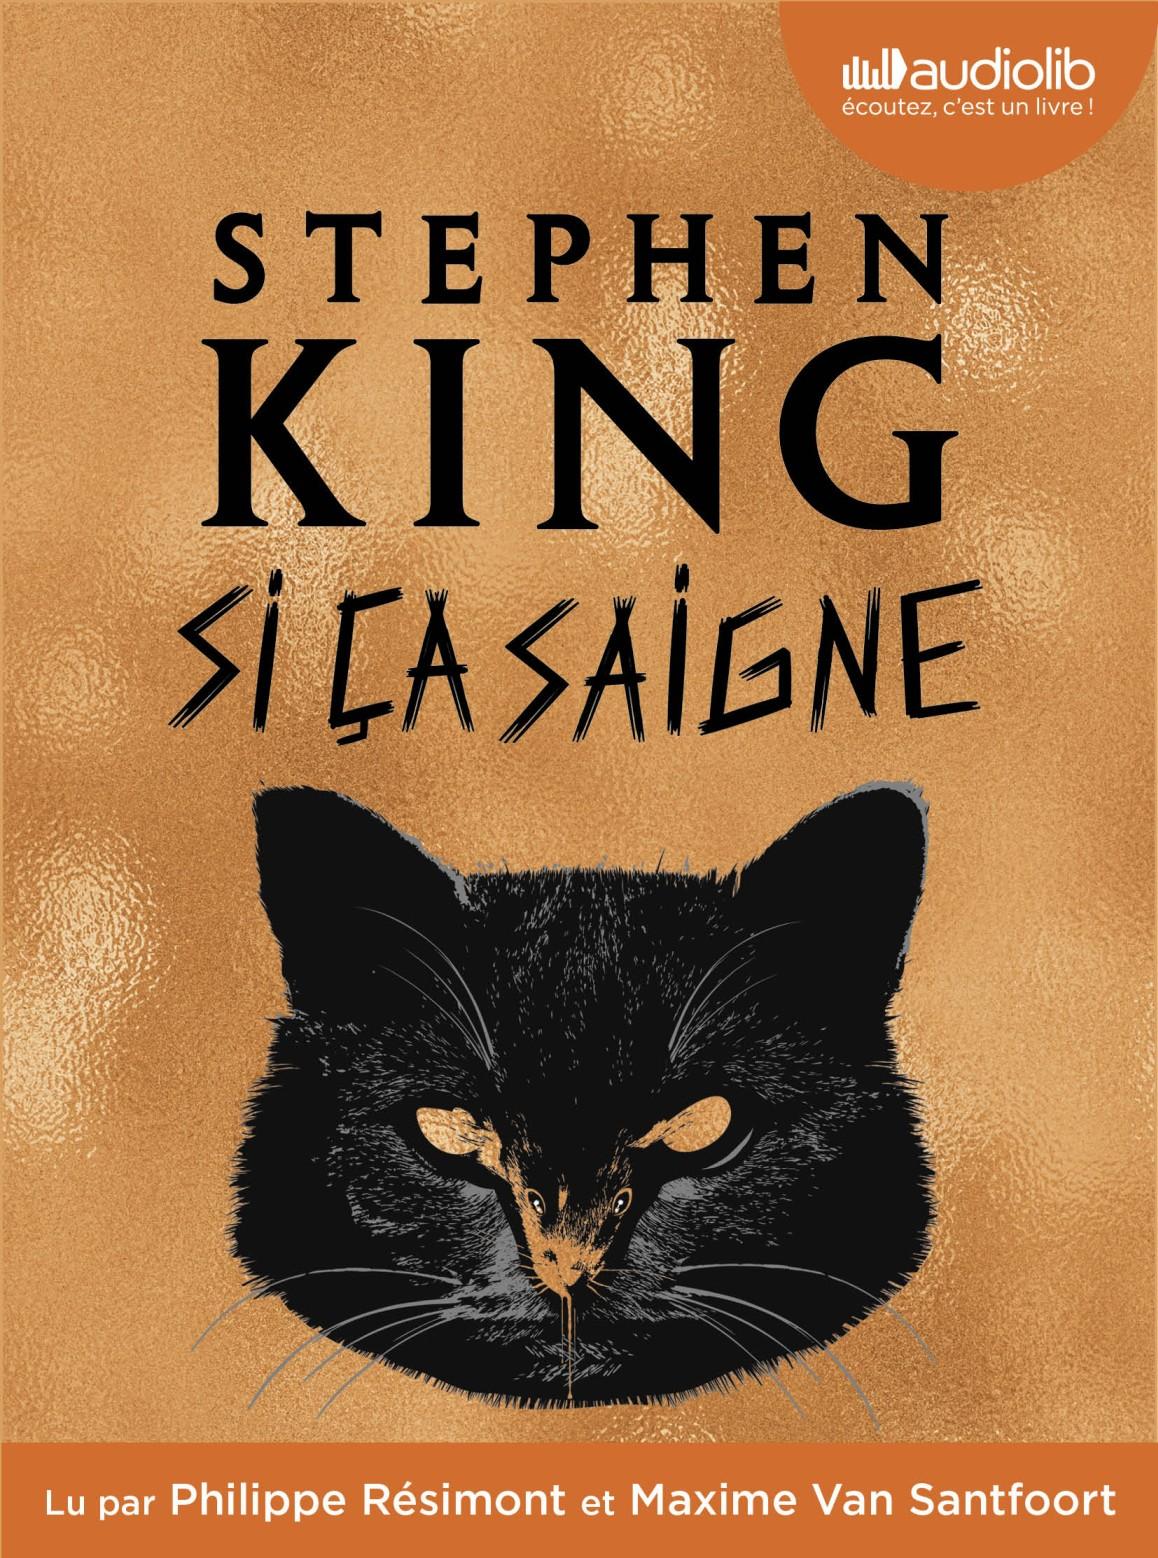 Sicasaigne Stephenking Livre Audio Audiolib